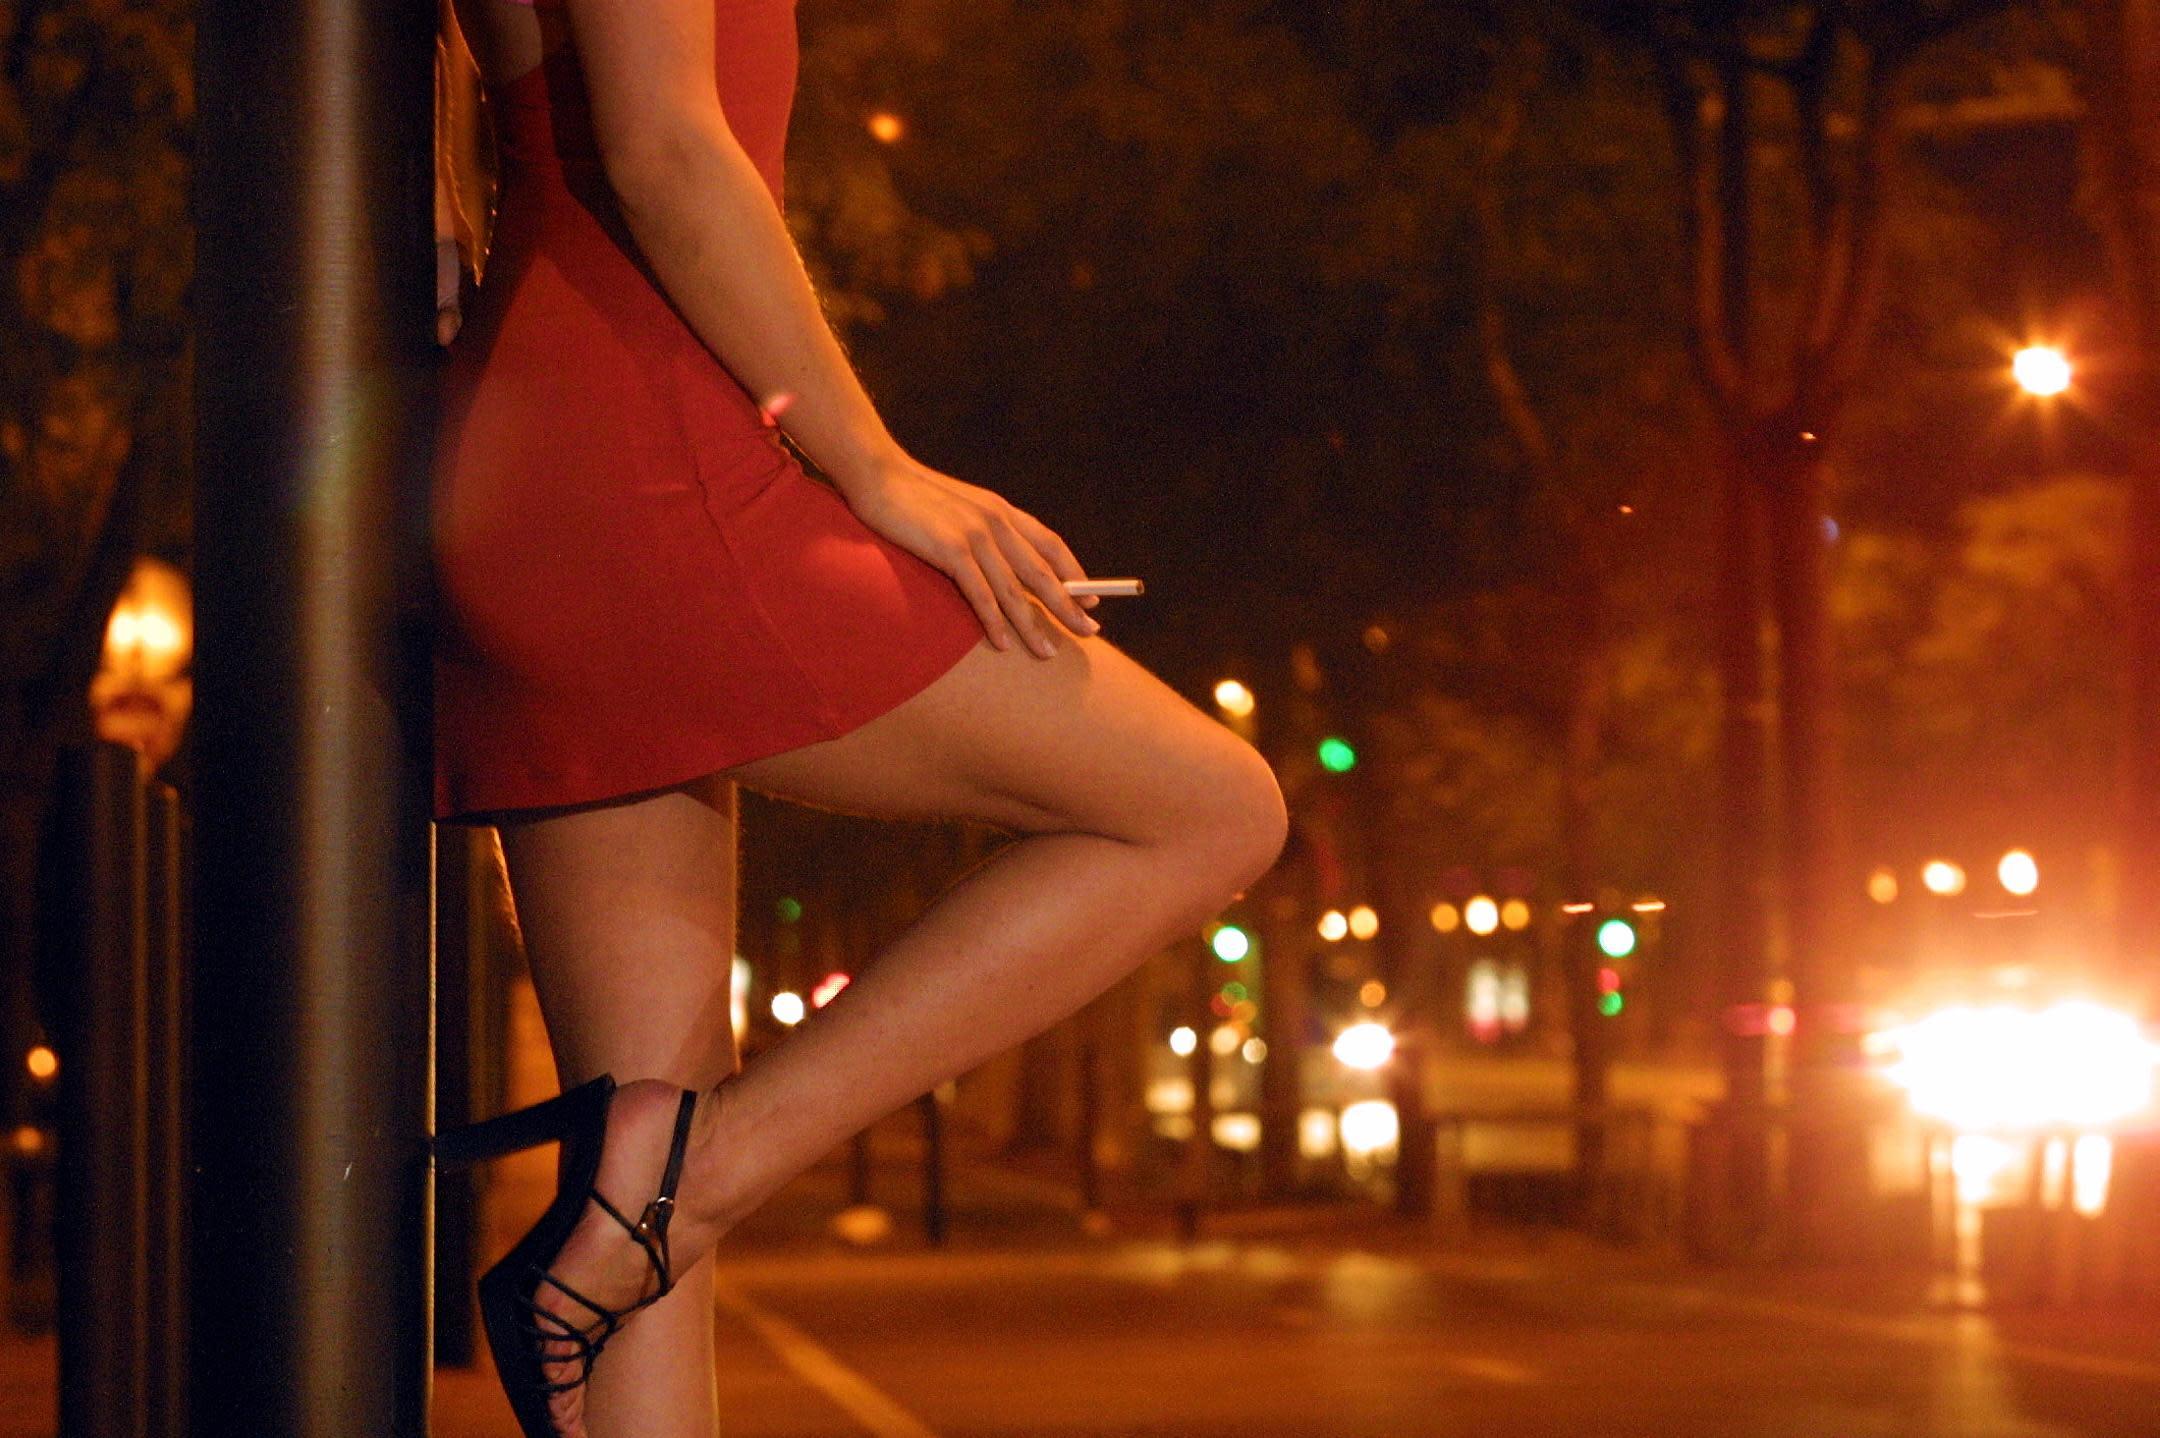 prostitutas tube numero de telefono prostitutas